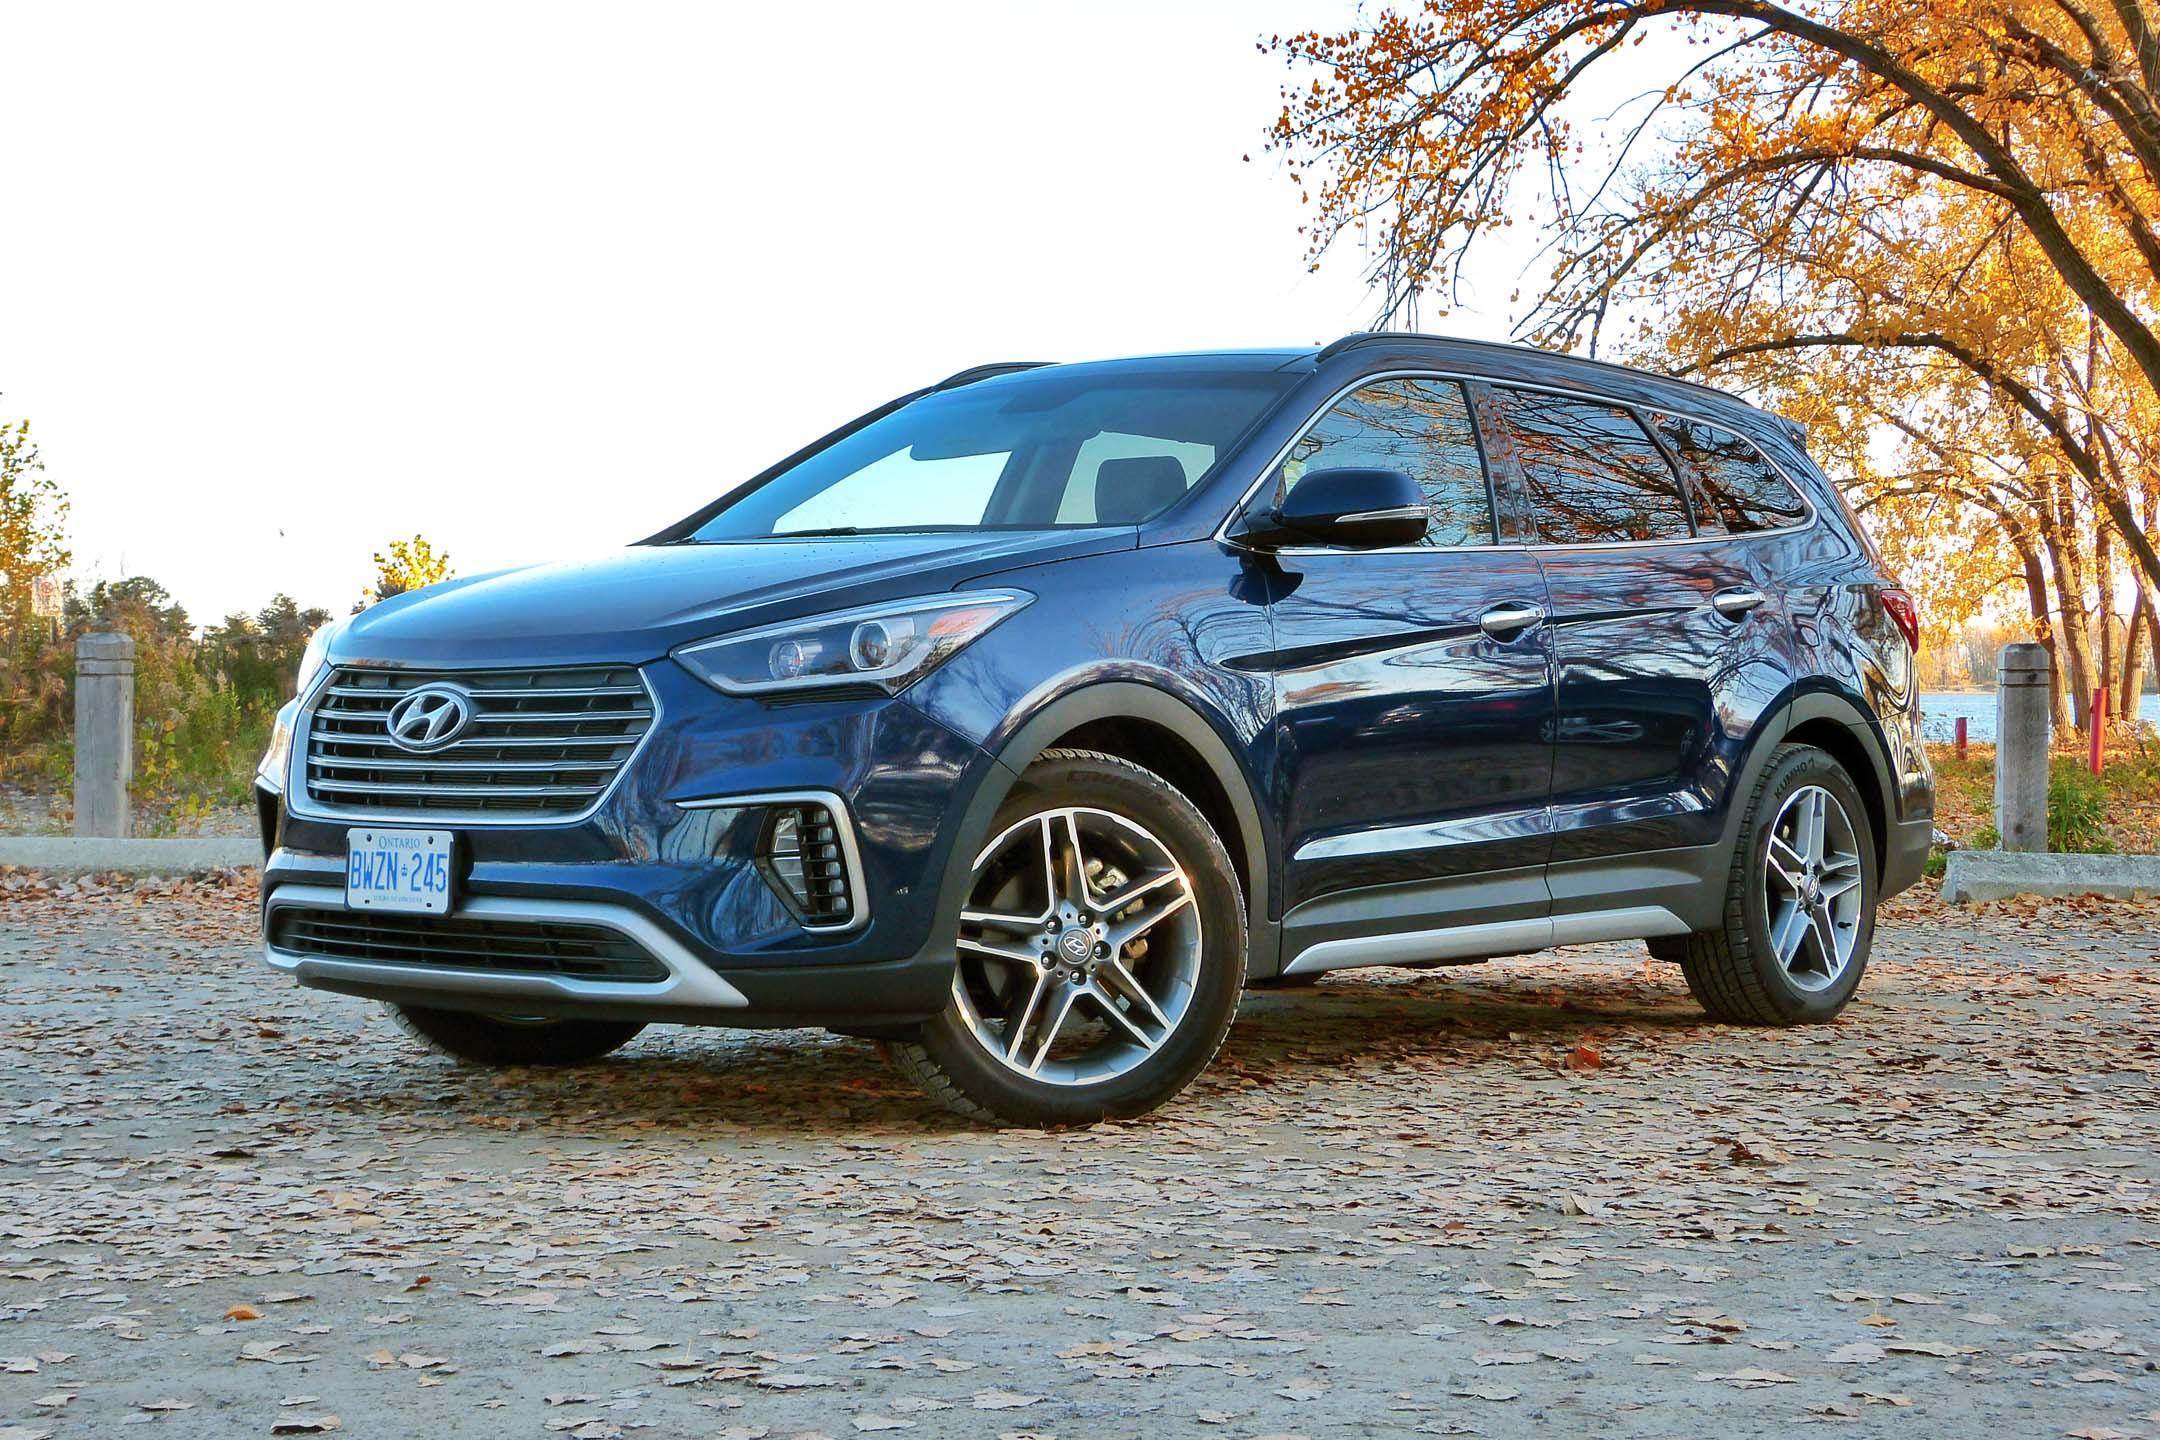 2013 2017 Hyundai Santa Fe Santa Fe Xl Used Vehicle Review